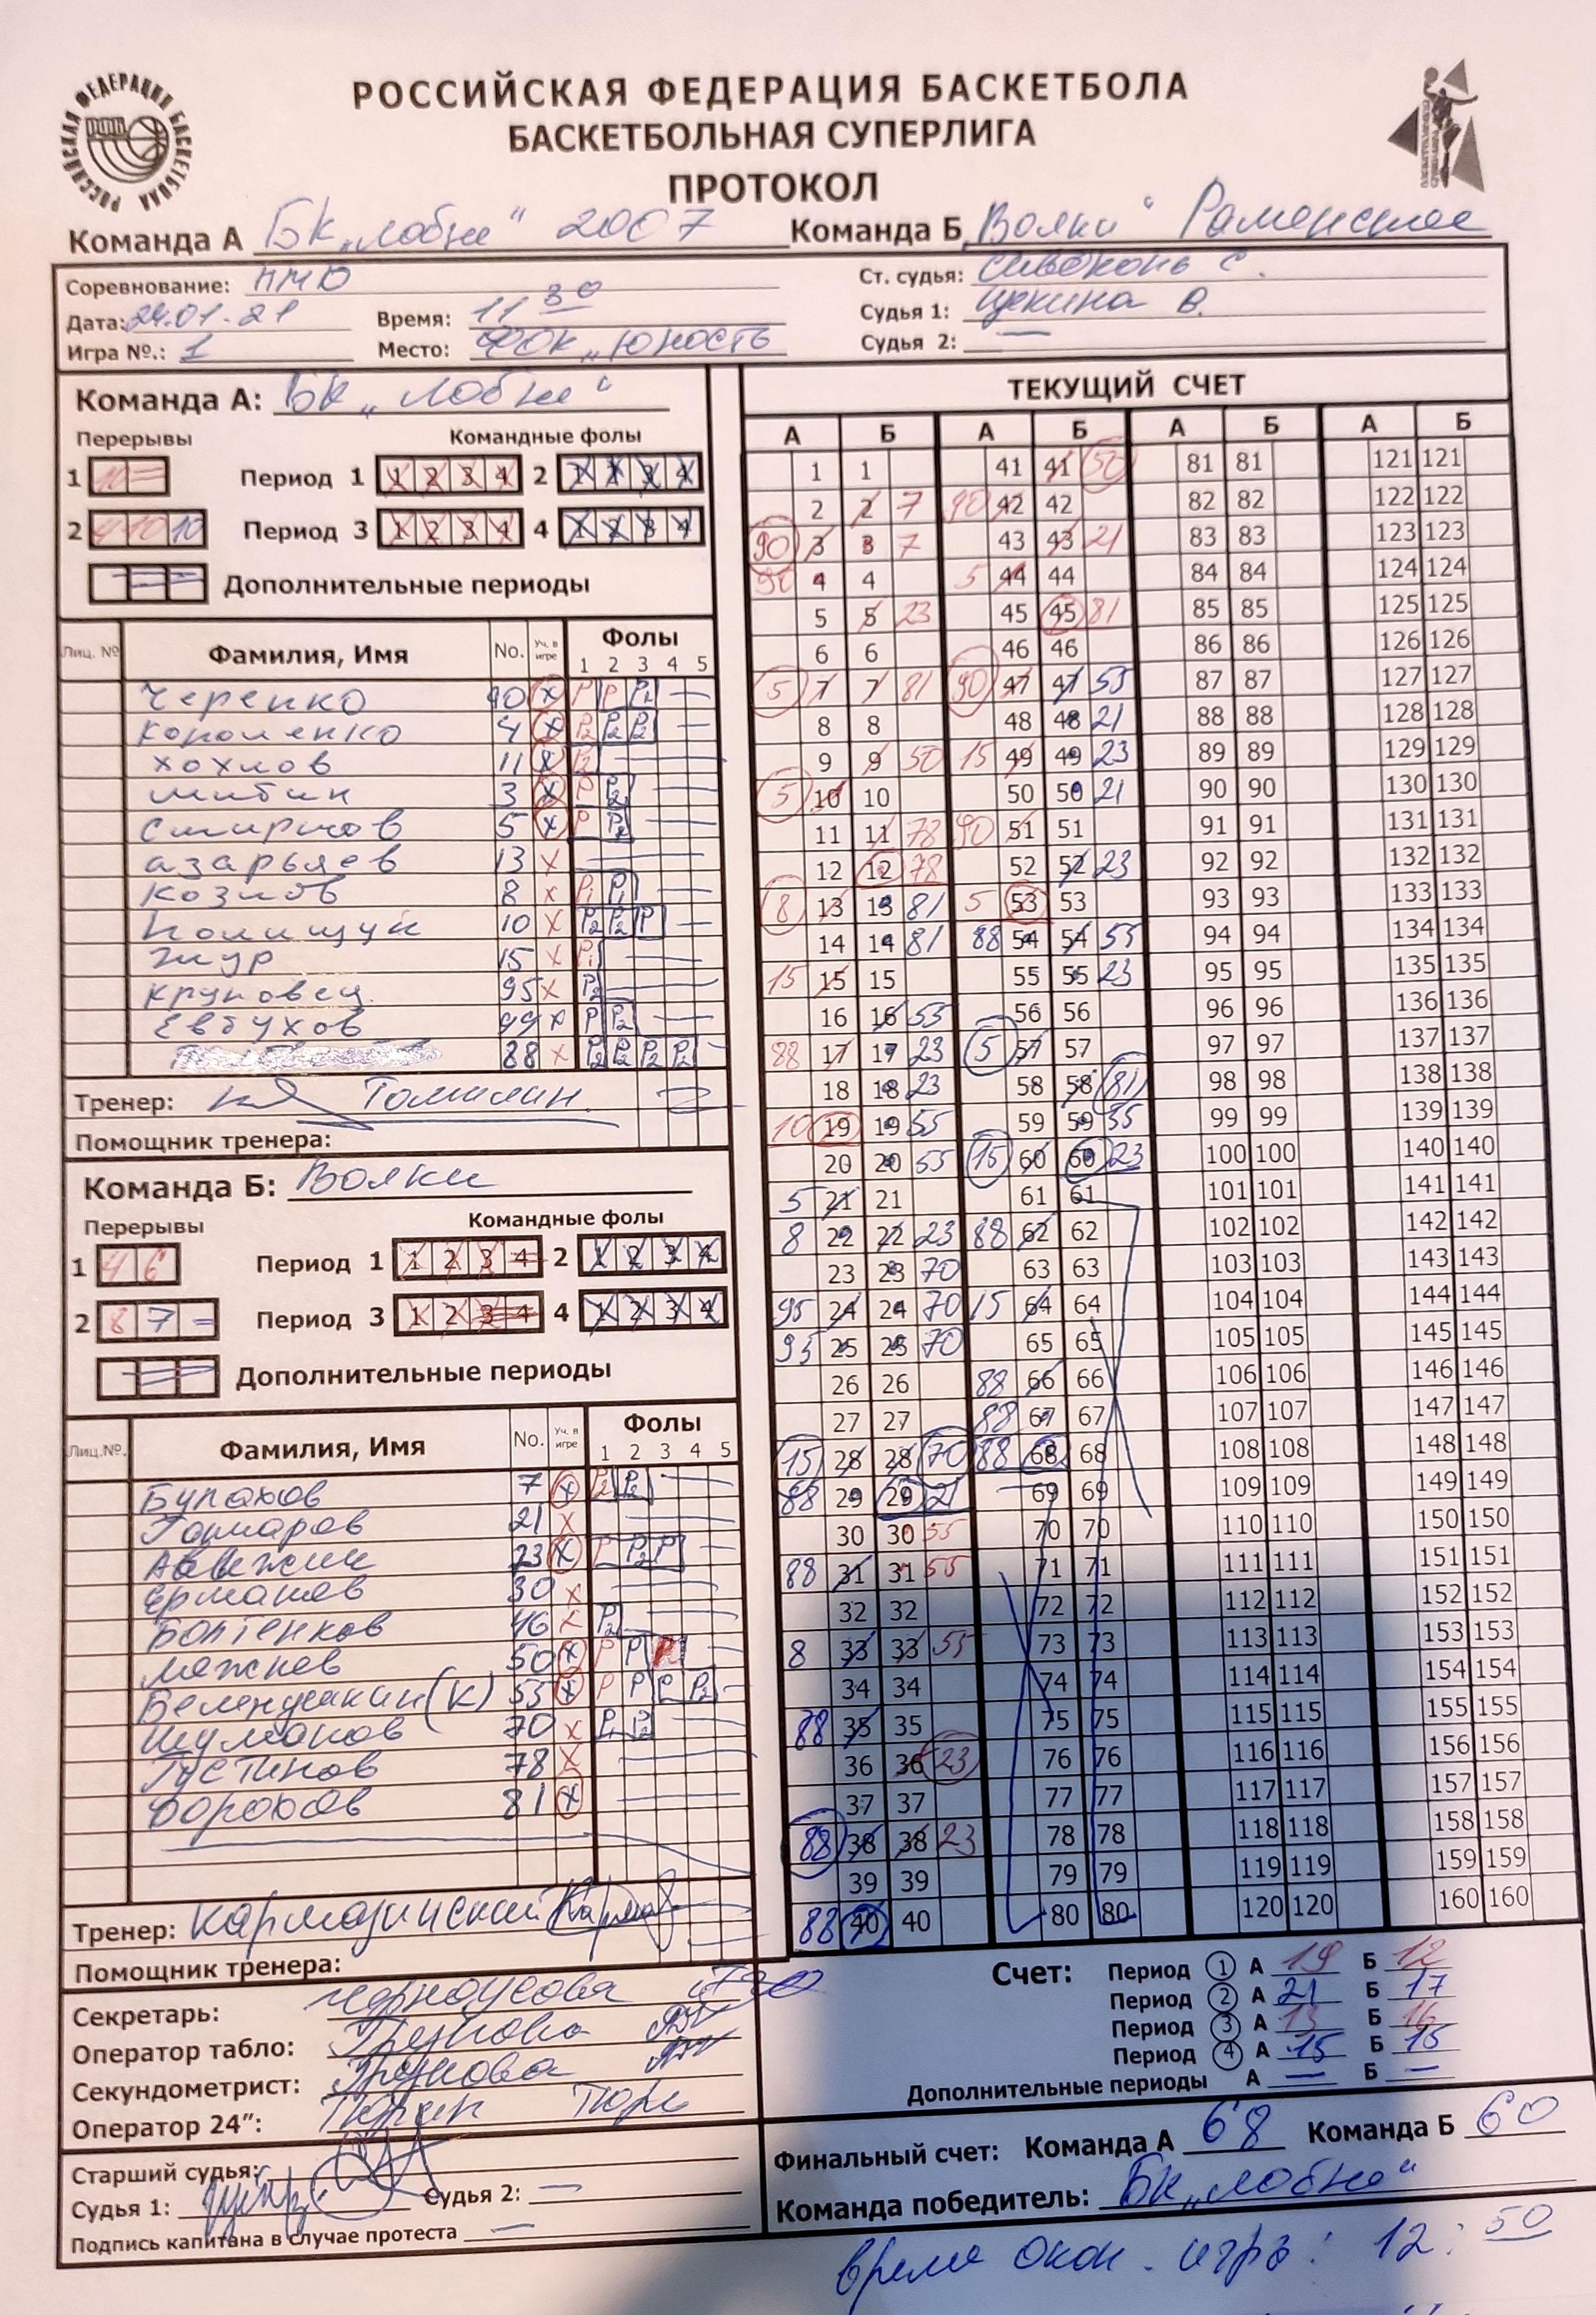 Протокол матча Лобня - Волки, СЛ МО'07, г. Лобня, 24.01.2021